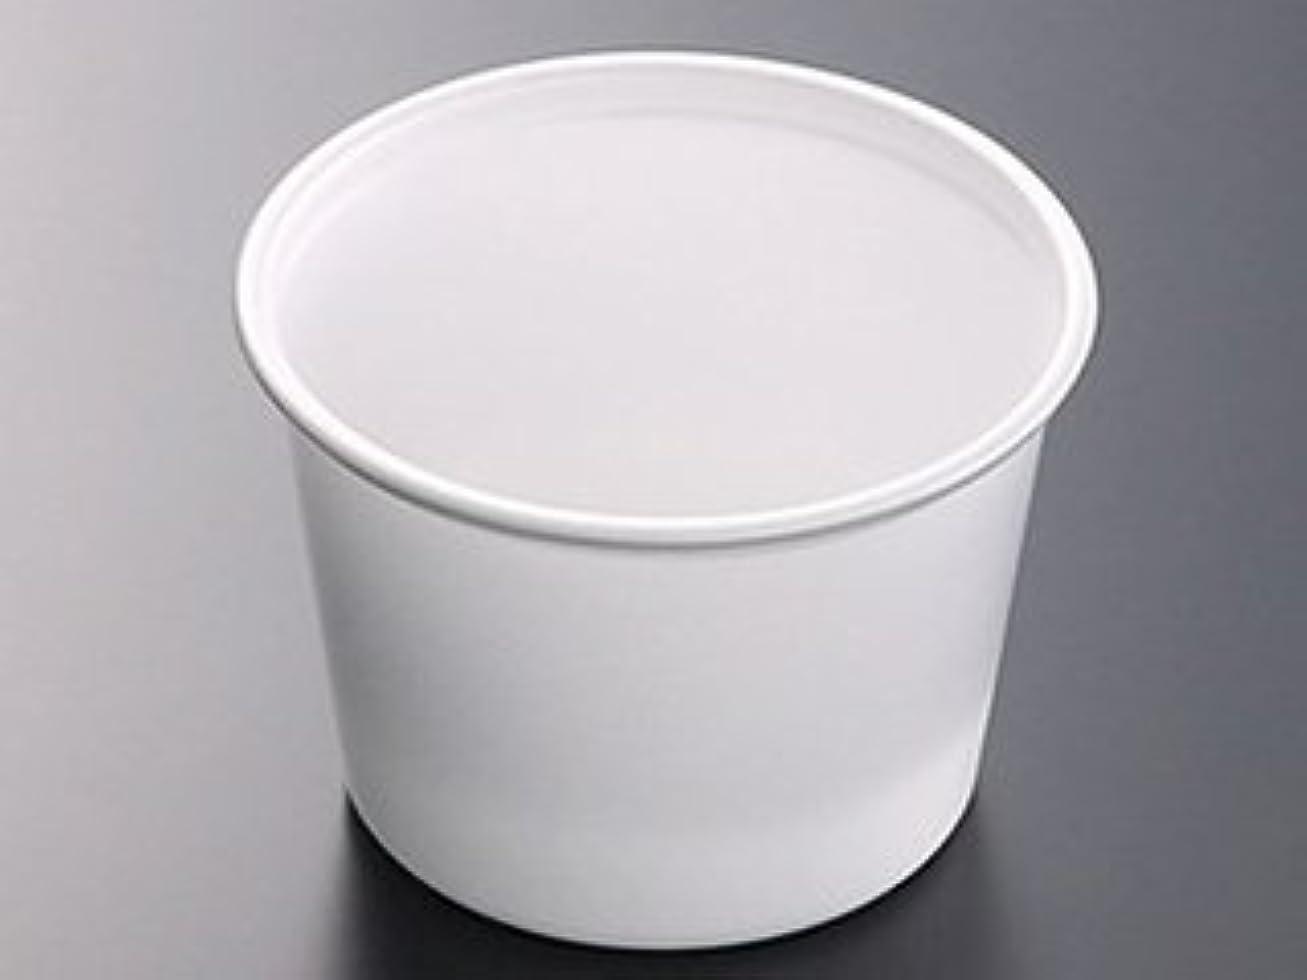 校長準備ができて退屈中央化学 使い捨て 容器 テイクアウト ランチ 弁当 日本製 CFカップ 本体 100枚入 直径9.3×6.6cm 95-270